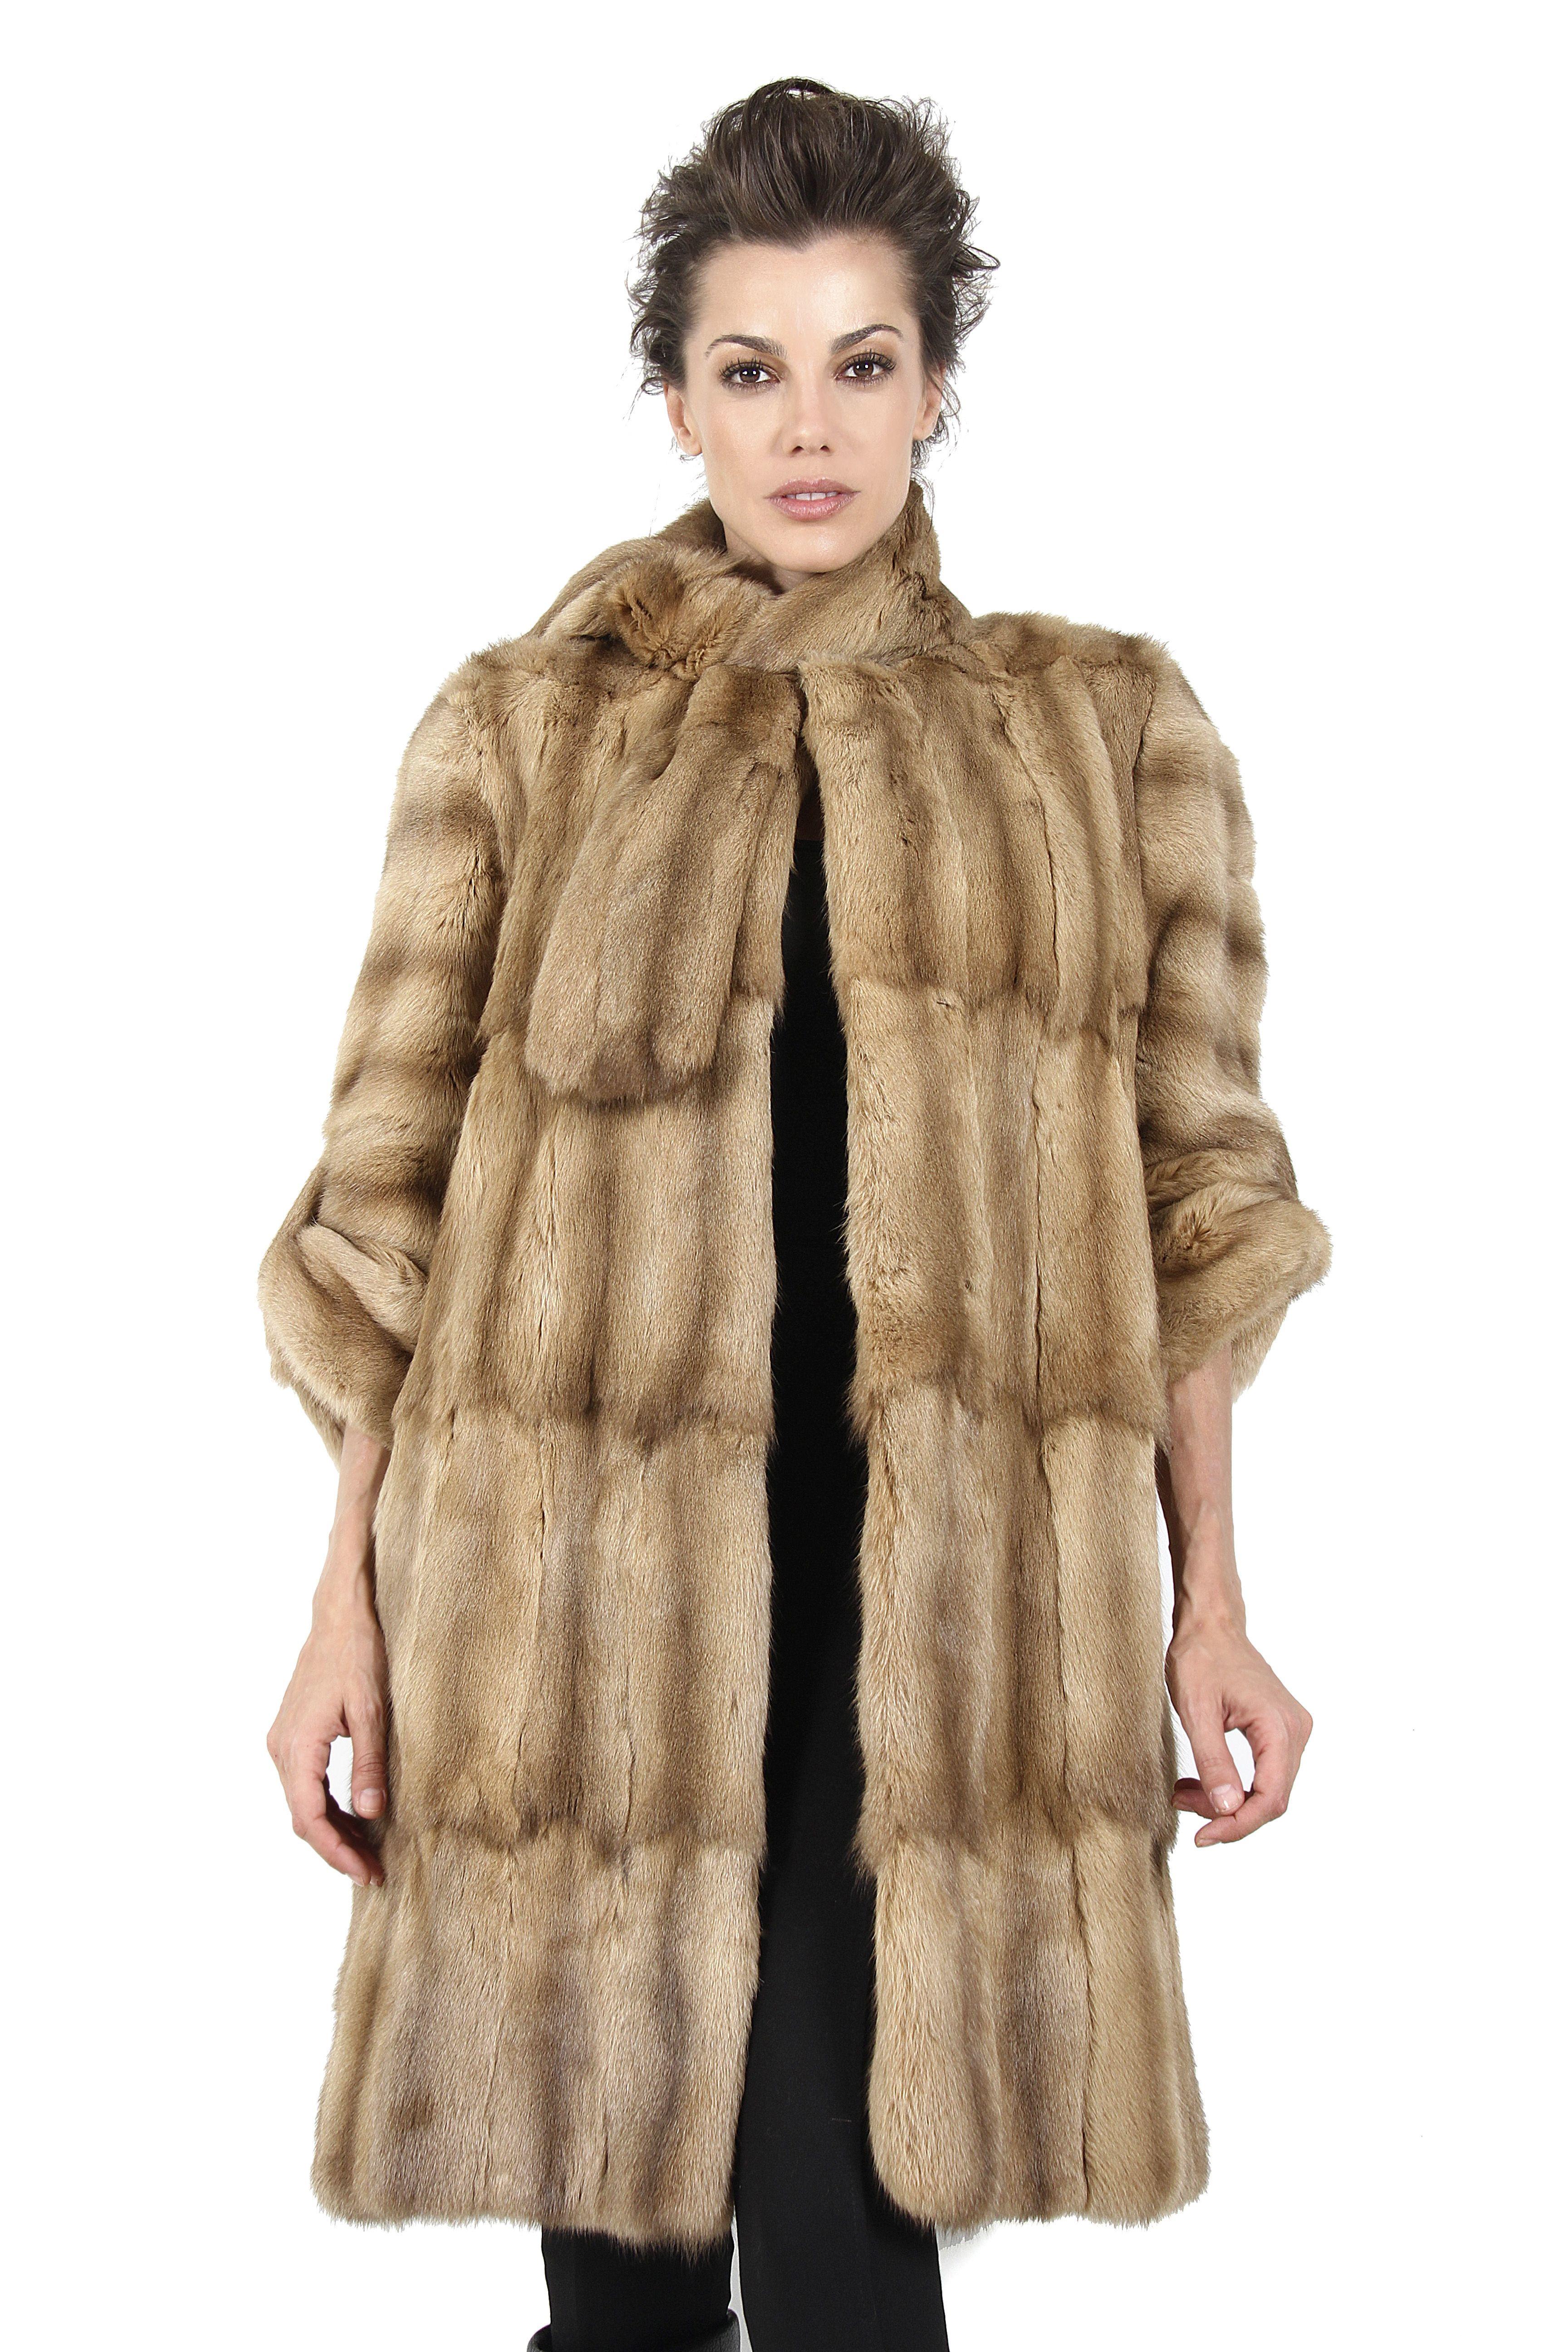 Abrigo de Petit Gris Camel. Camel Petit Gris Coat.  boutique  moda  fashion   winteriscoming  fur  coat  abrigo  piel  peleteria  auroramaroto 73198a6ce683